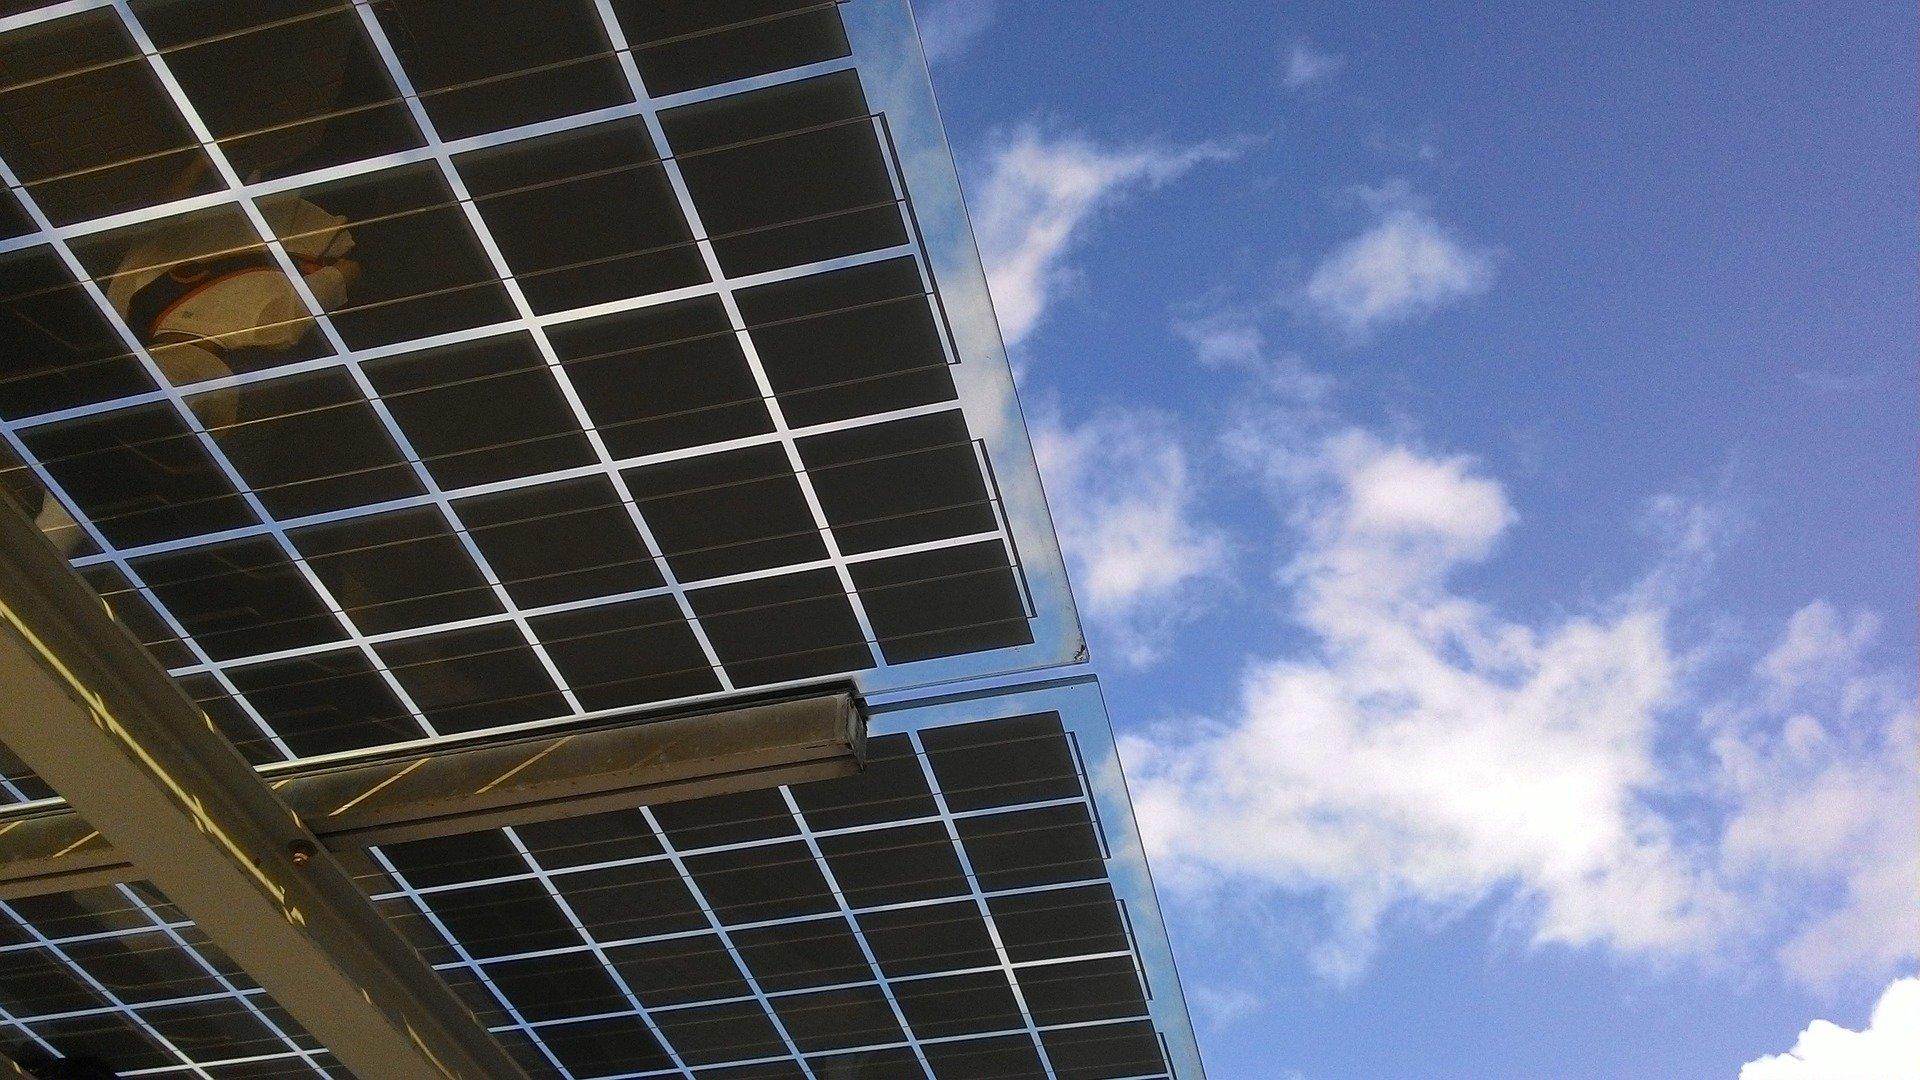 Klimaneutralität durch den Umbau der globalen Energiesysteme